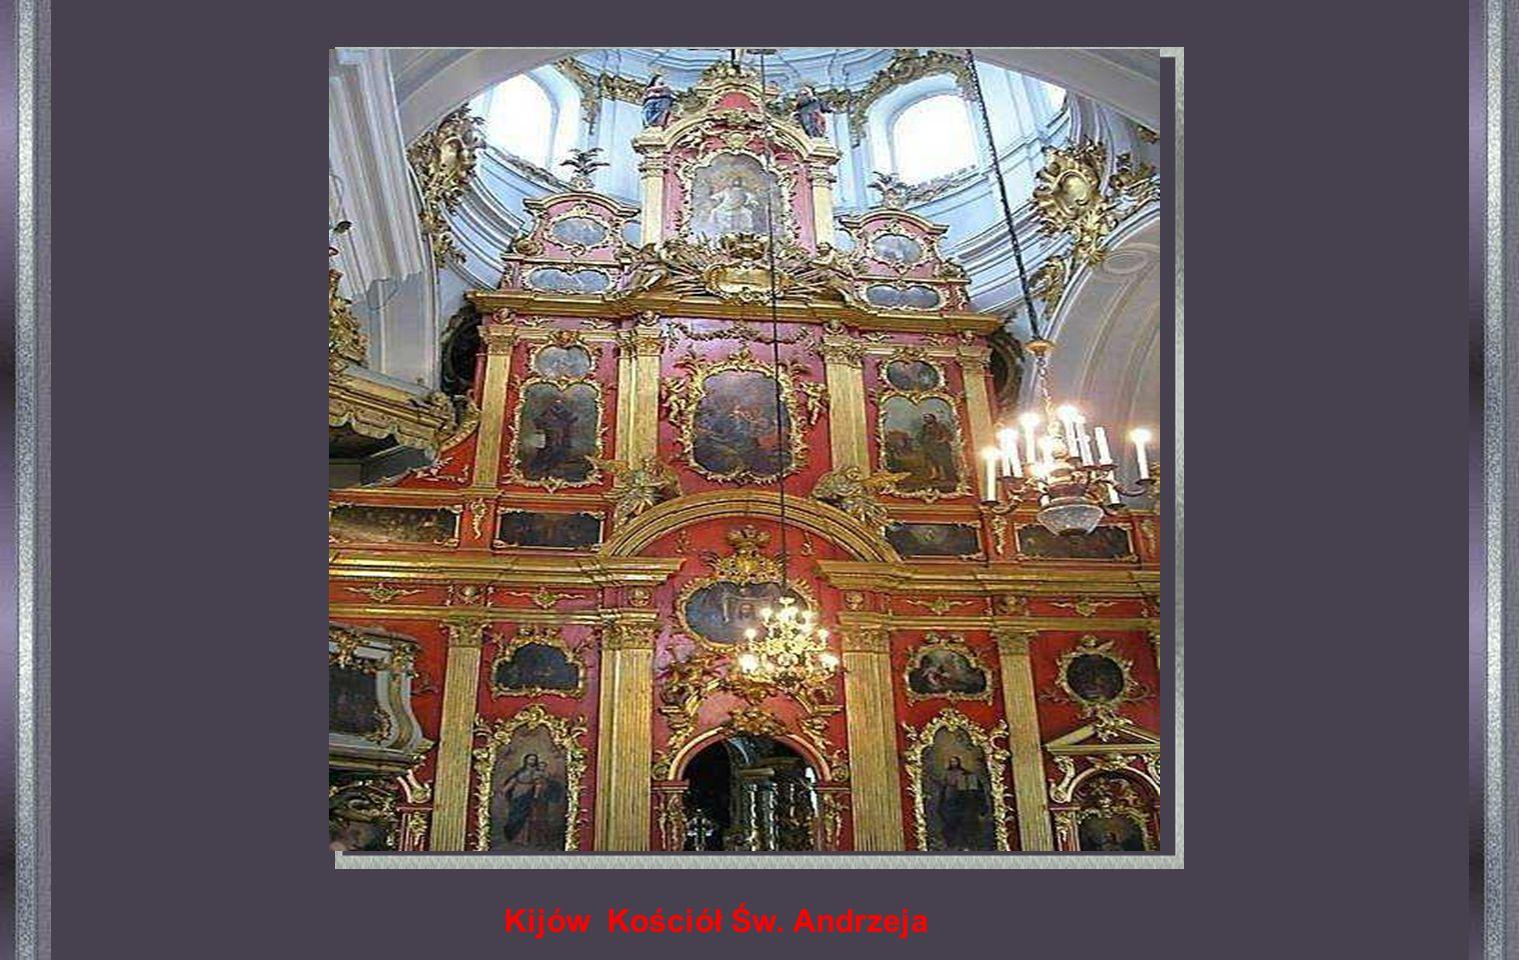 Kijów Kościół Św. Andrzeja